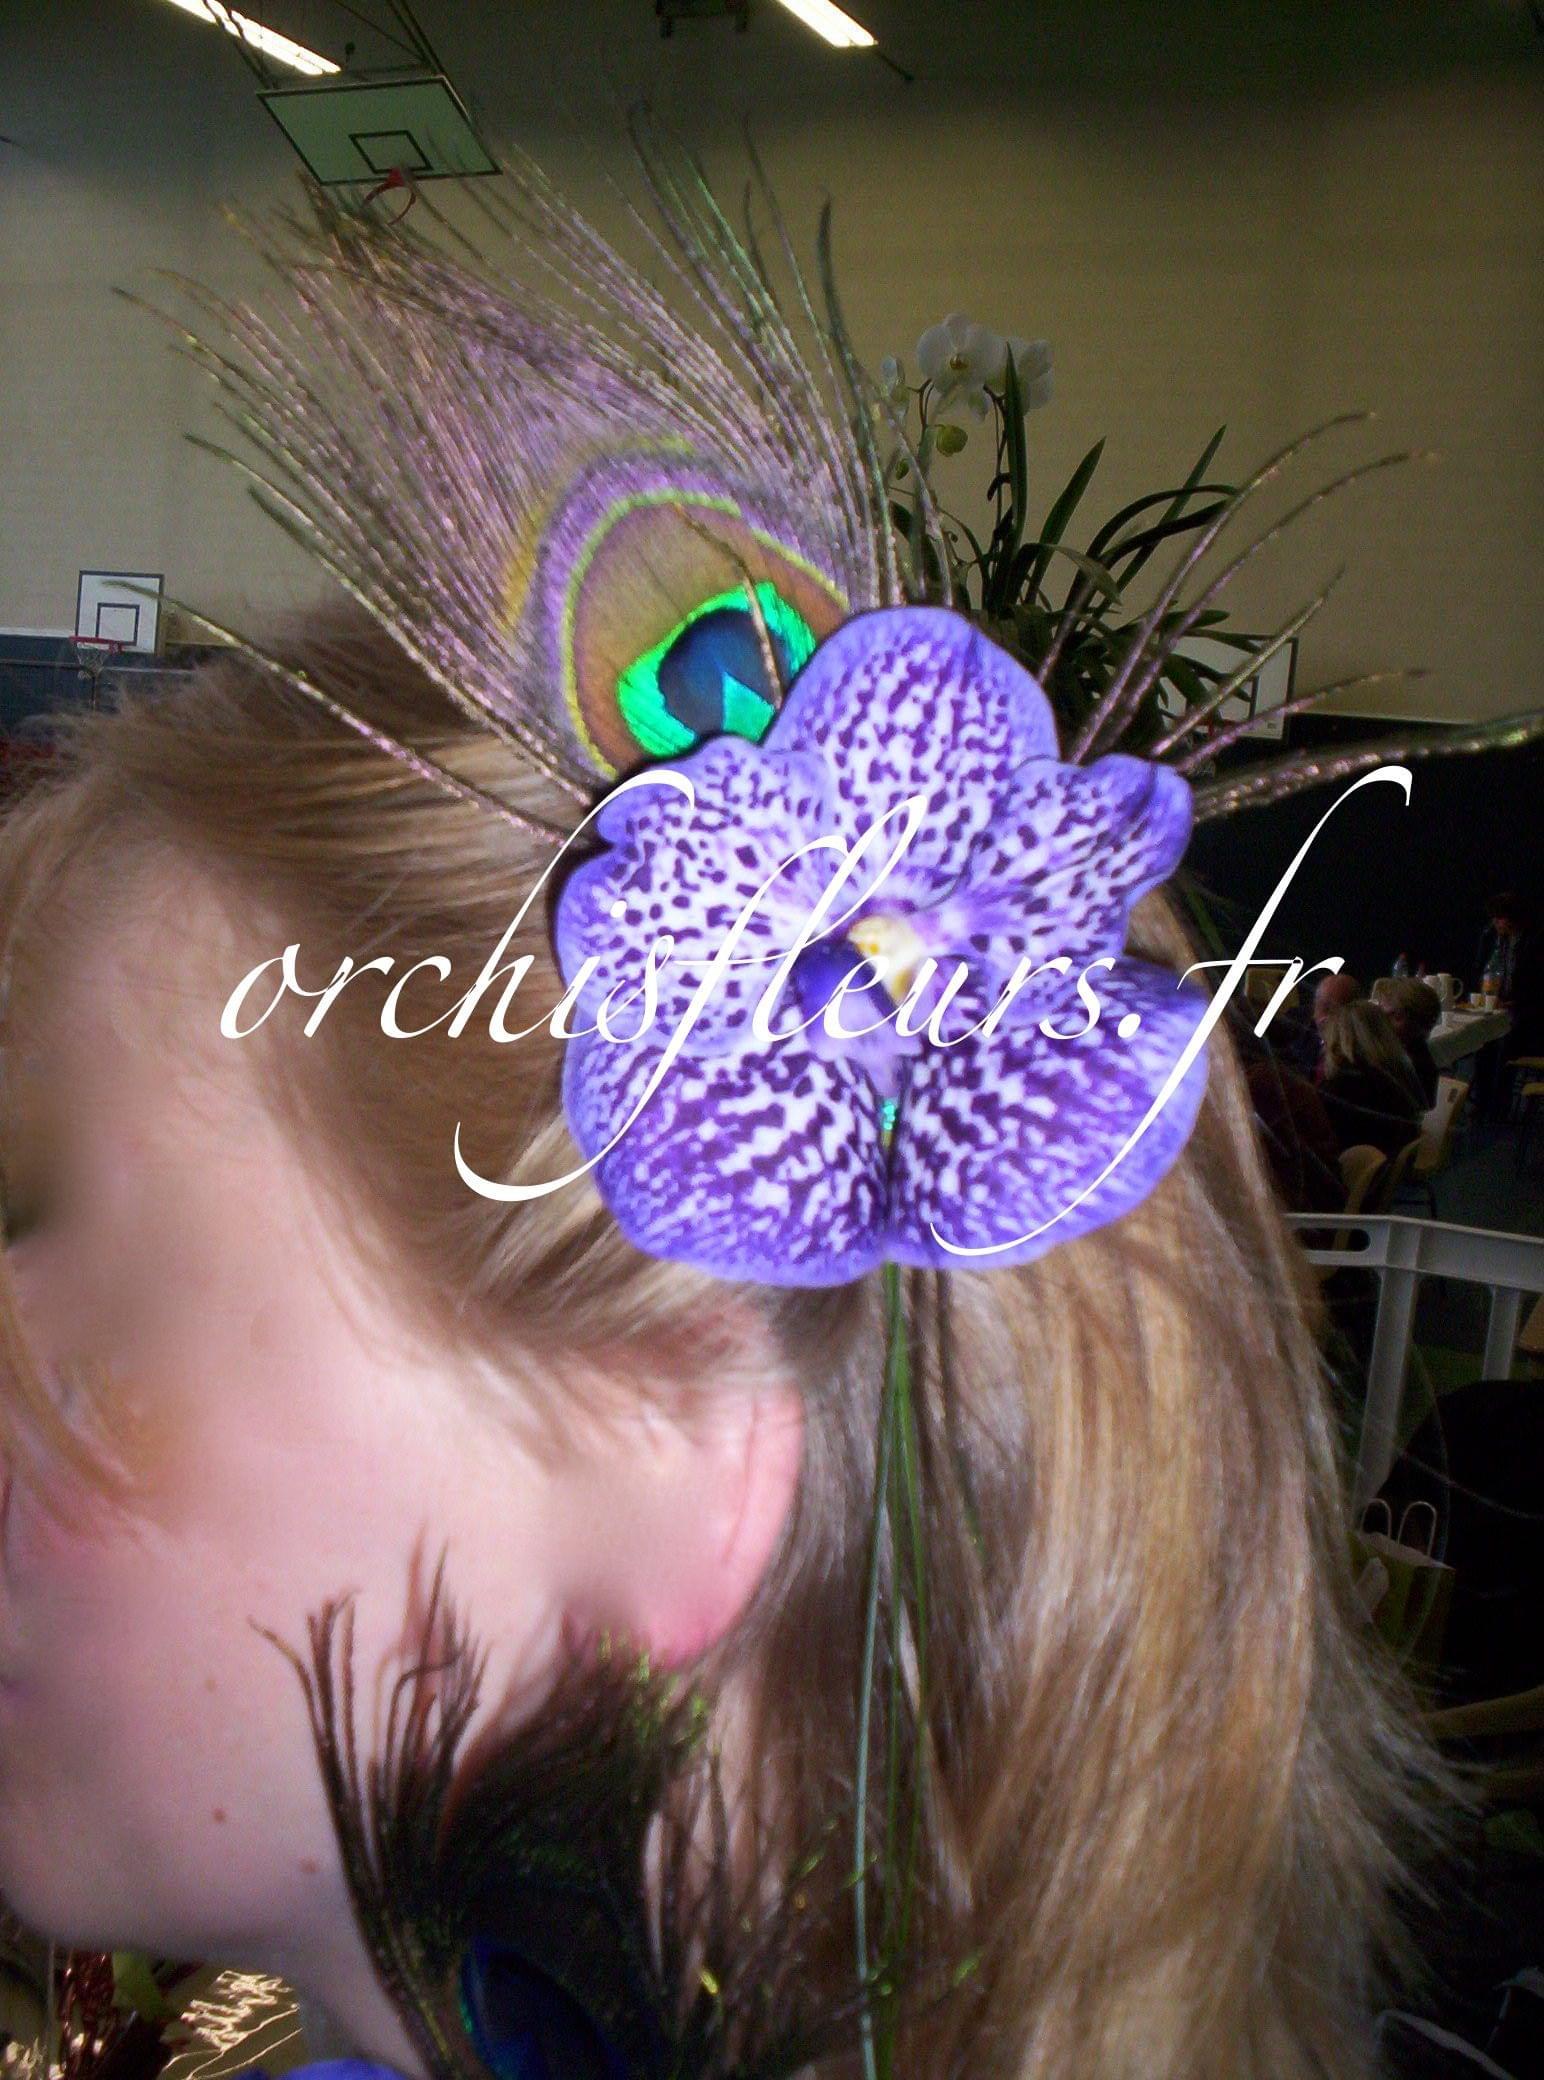 Fleuriste Bois D Arcy - Mariage Bijoux& Parures de cheveux Mariage  Fleuriste ORCHIS fleuriste Bois d'Arcy